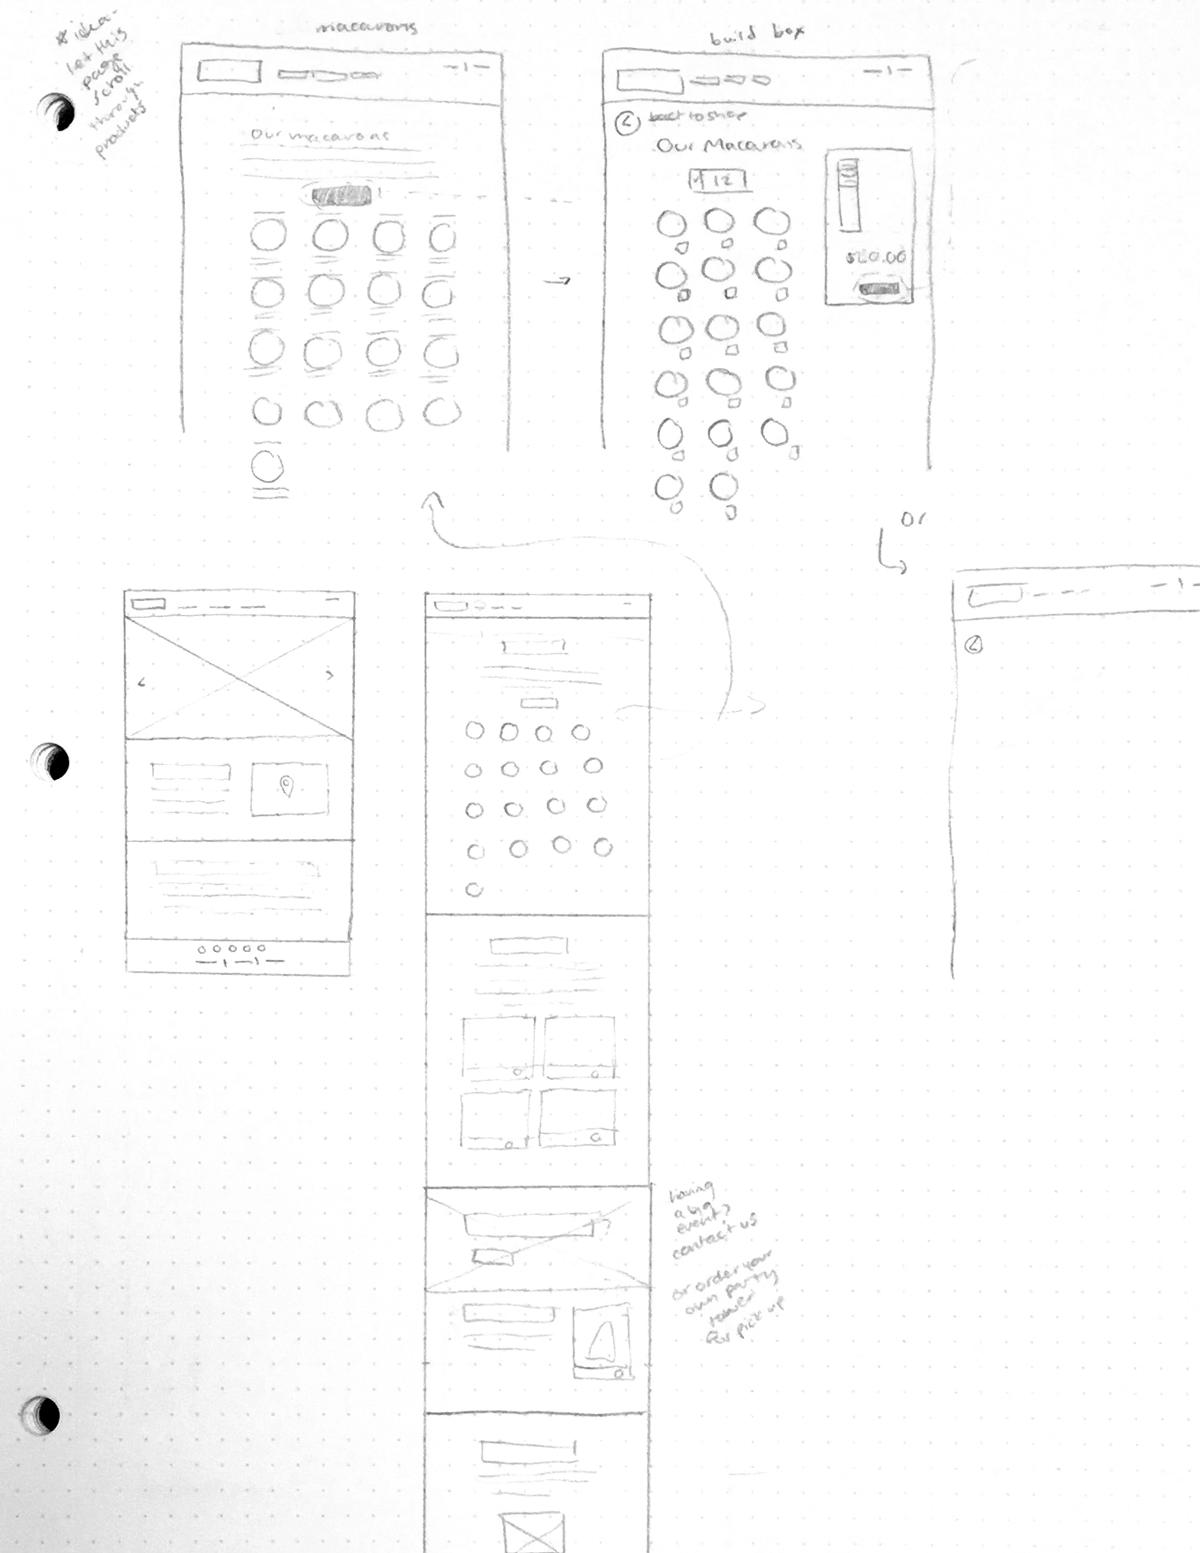 Lette-Sketch-001.png